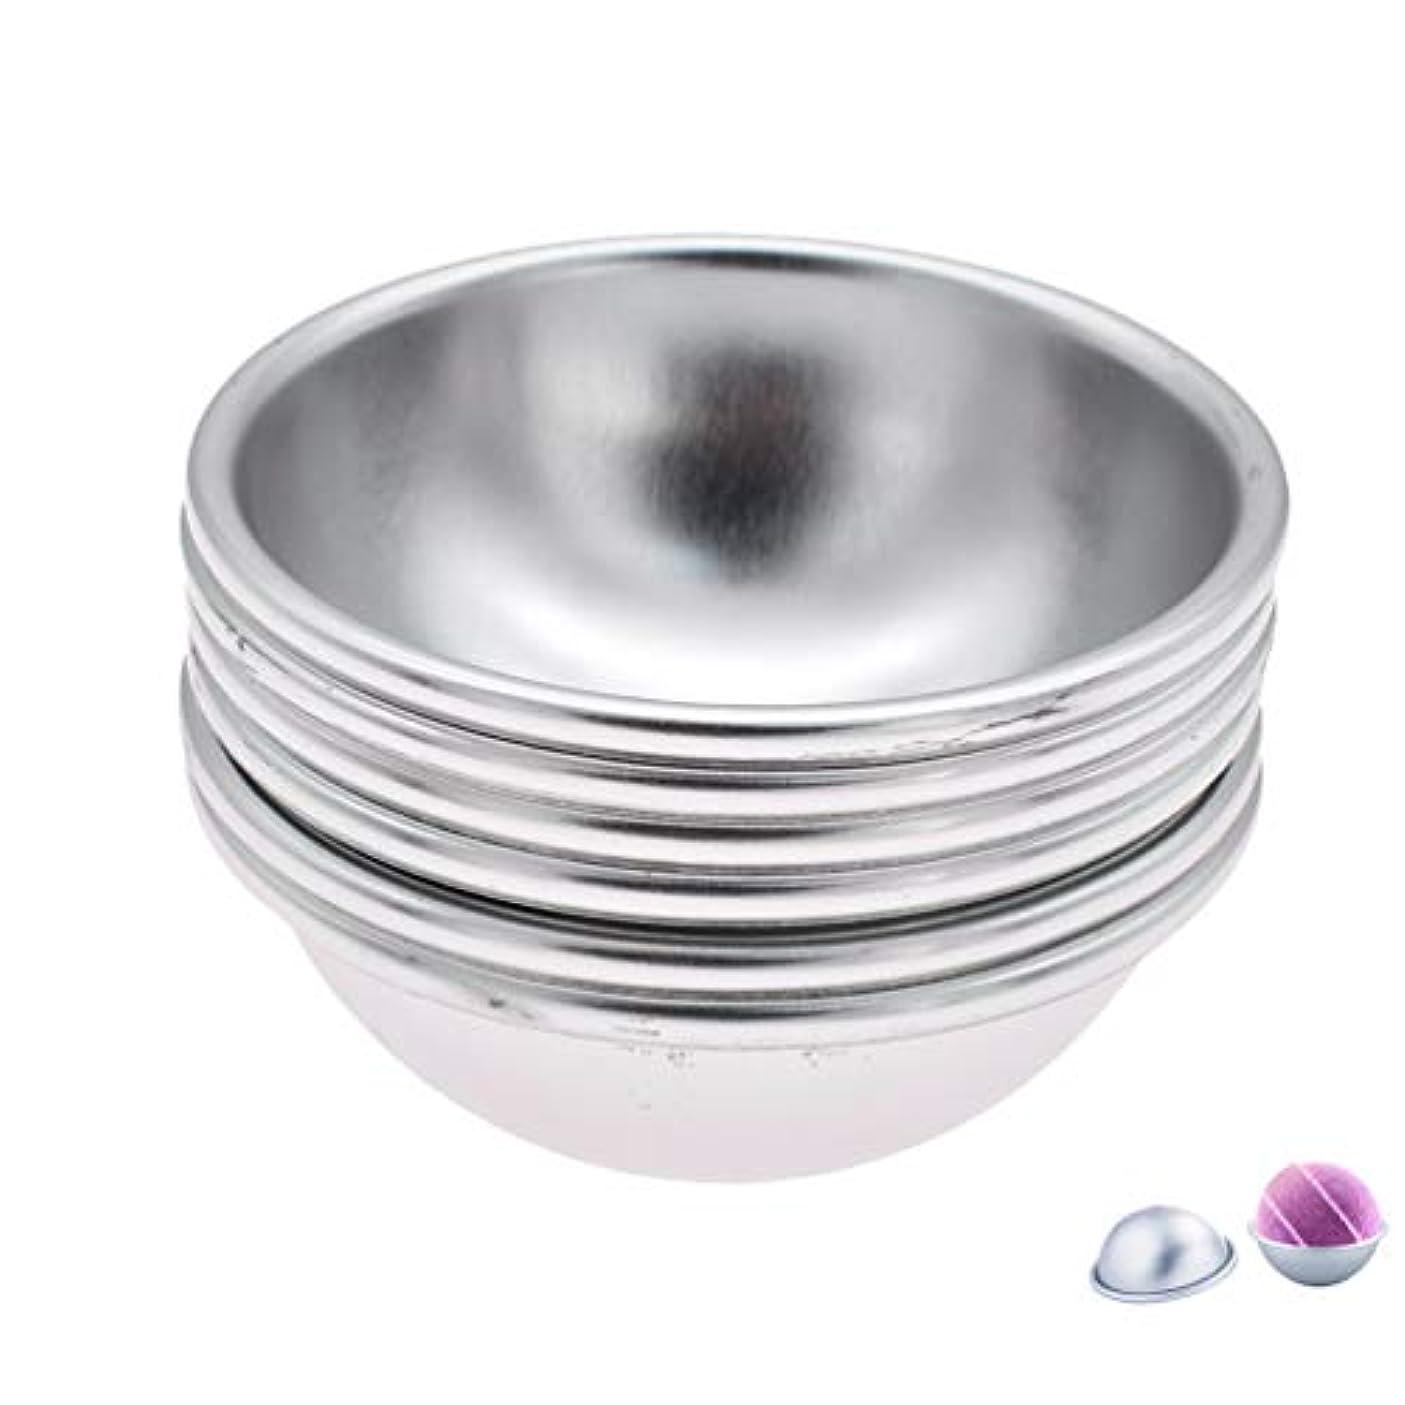 家レンダリング動脈(ライチ) Lychee 6個セット バスボム型 石鹸製造ツールセット 円形金型 DIYソープ ハンドメイド 食品にも使用可 ケーキ型 お菓子型